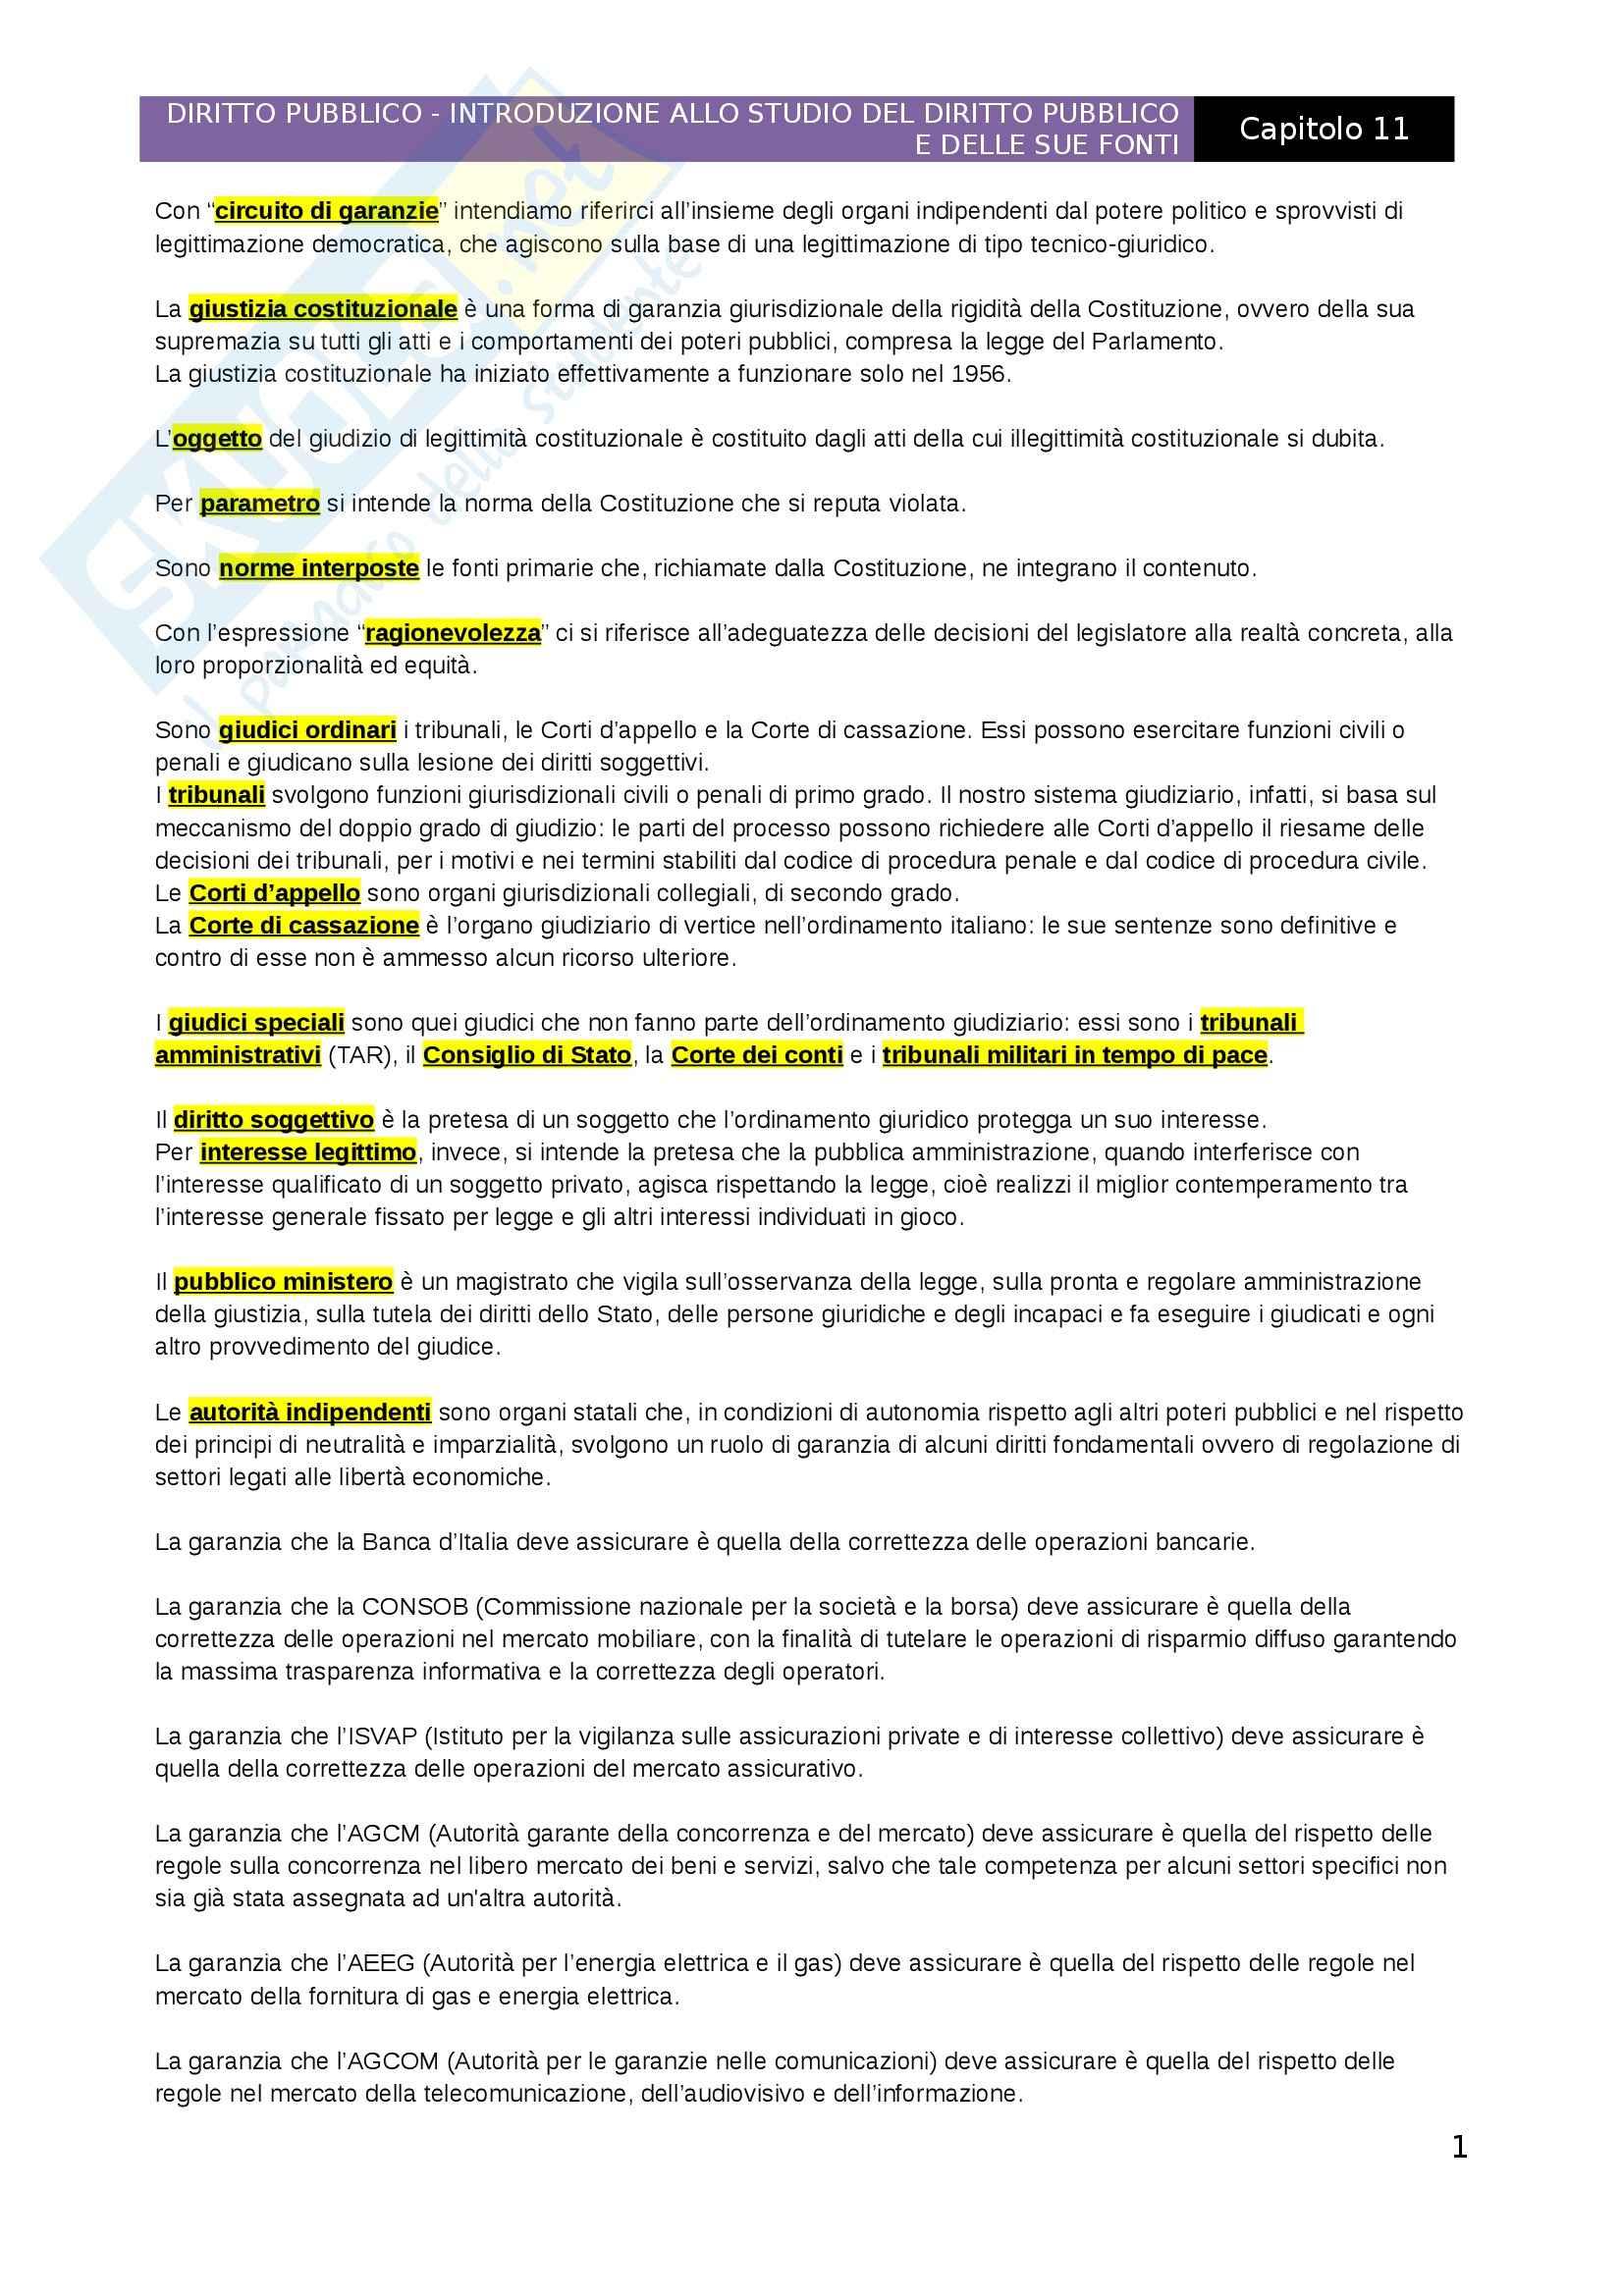 Introduzione allo studio del diritto pubblico e delle sue fonti, Capitolo 11